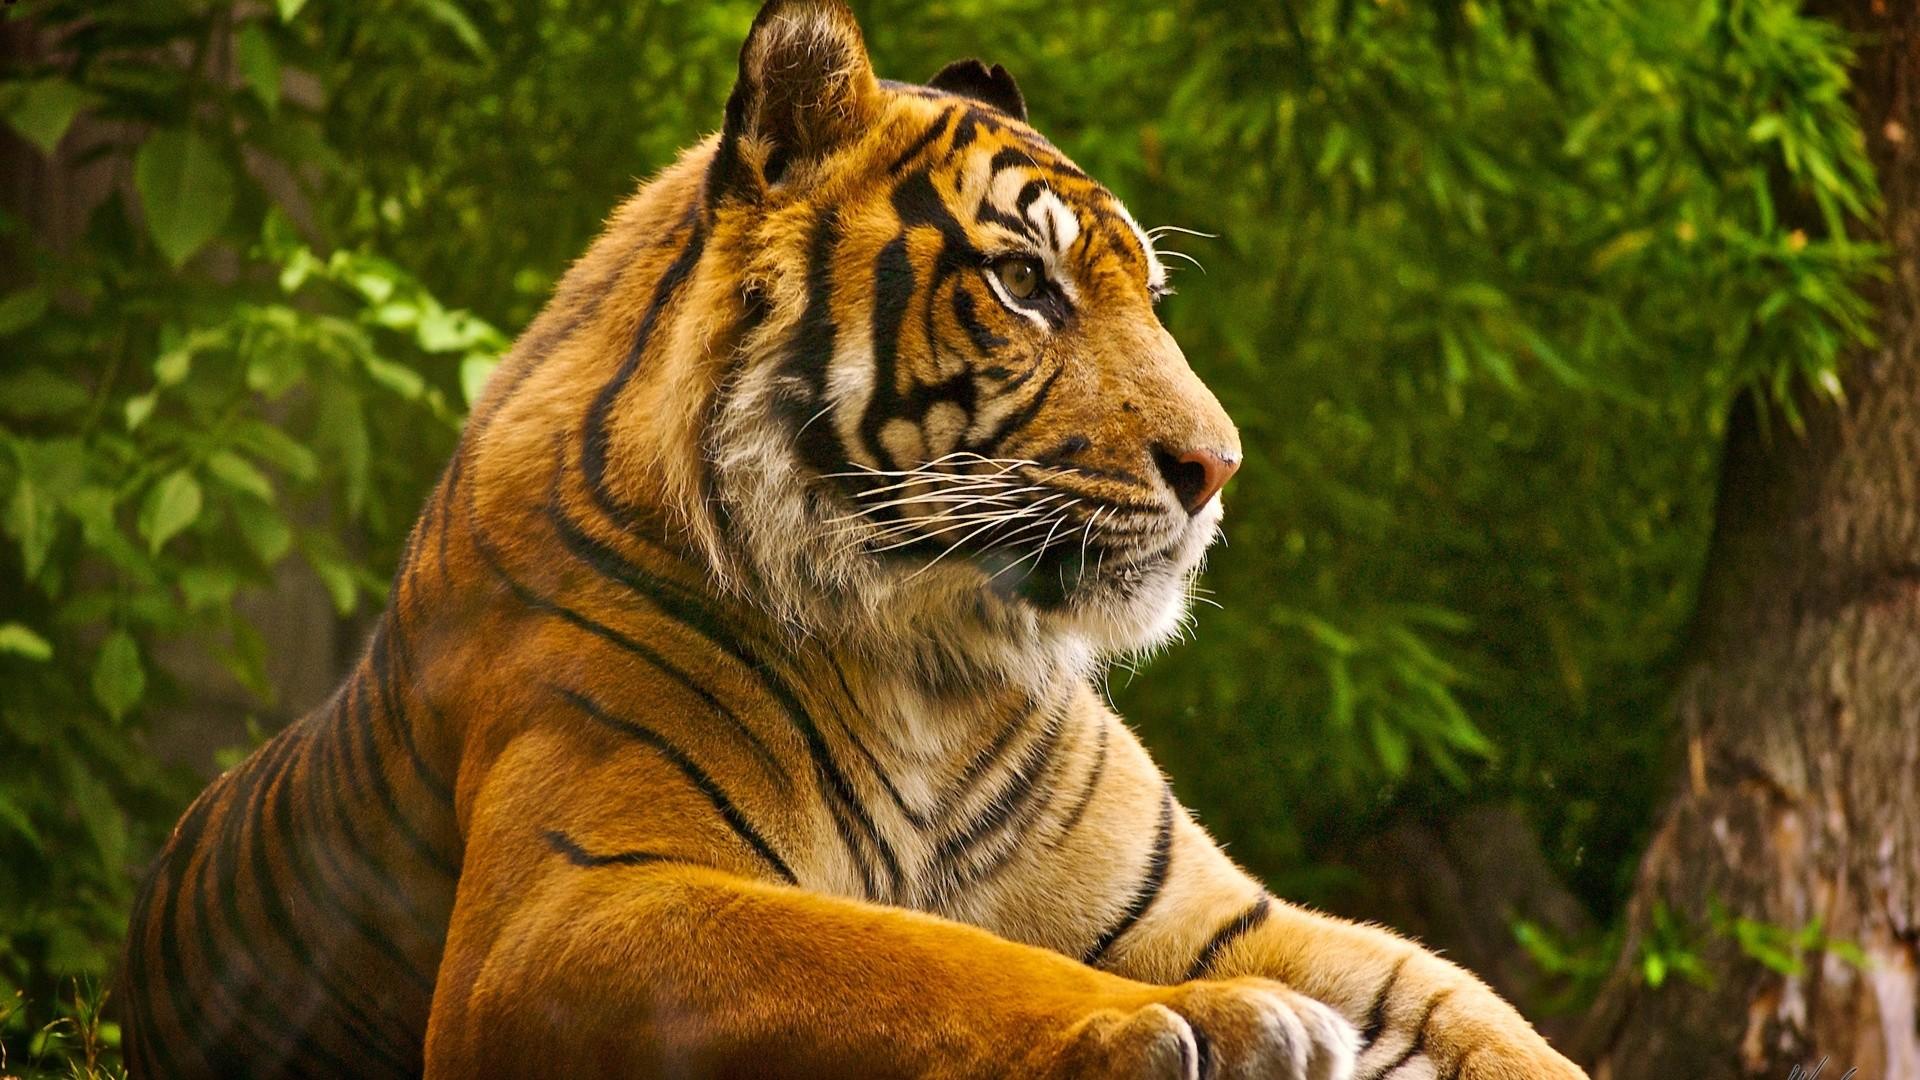 Clemson Tigers Desktop Wallpaper – www.wallpapers-in-hd.com